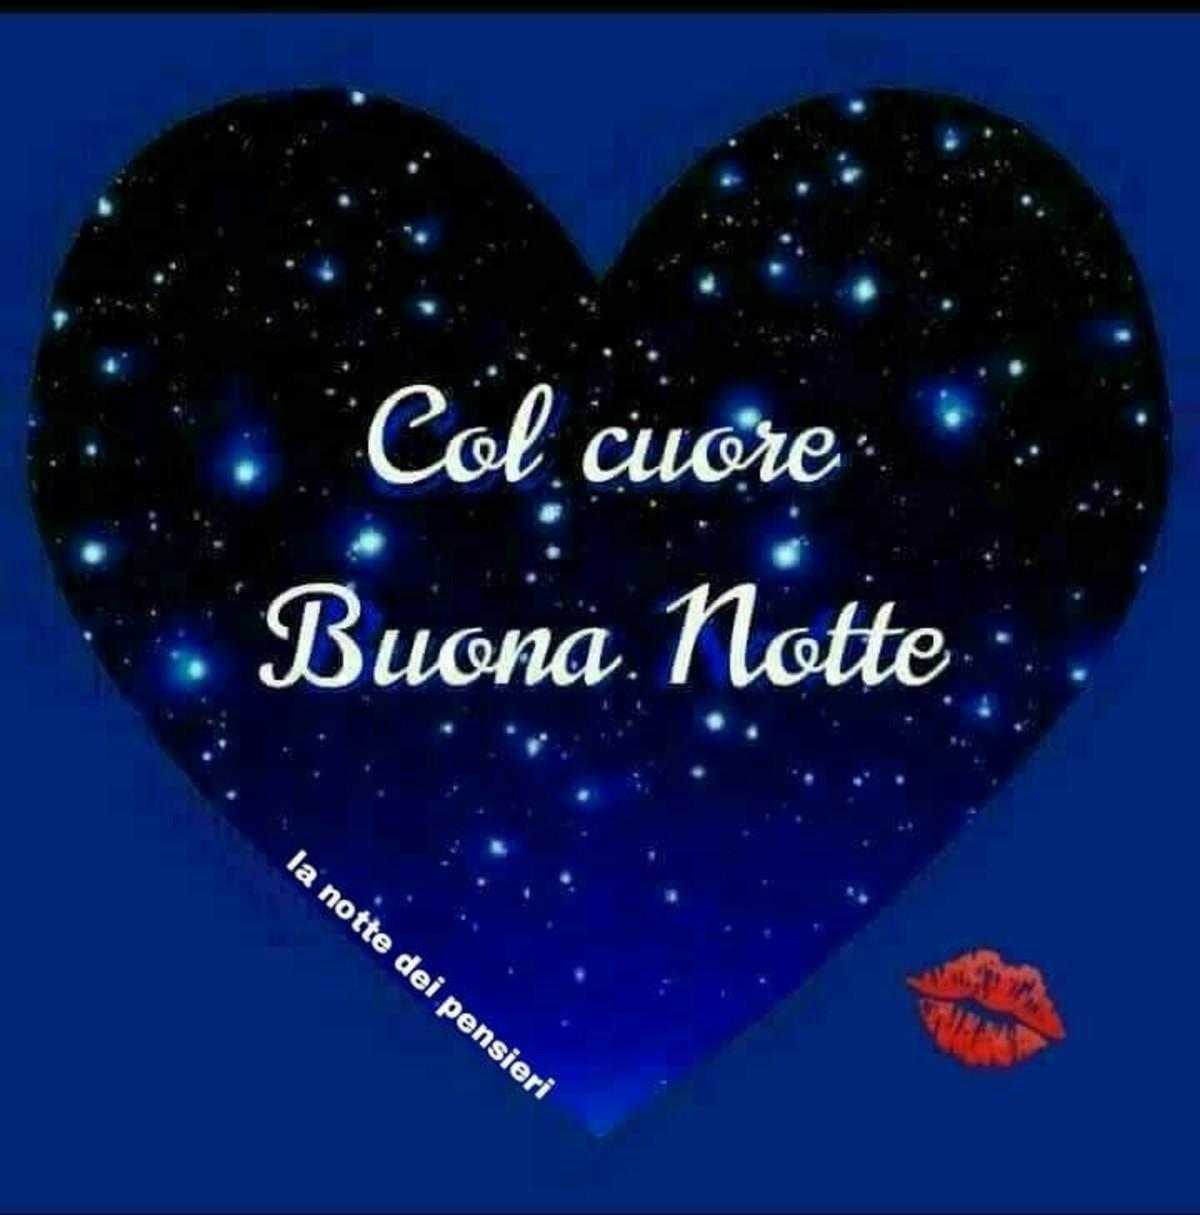 Col Cuore Buonanotte Bellissimeimmagini It